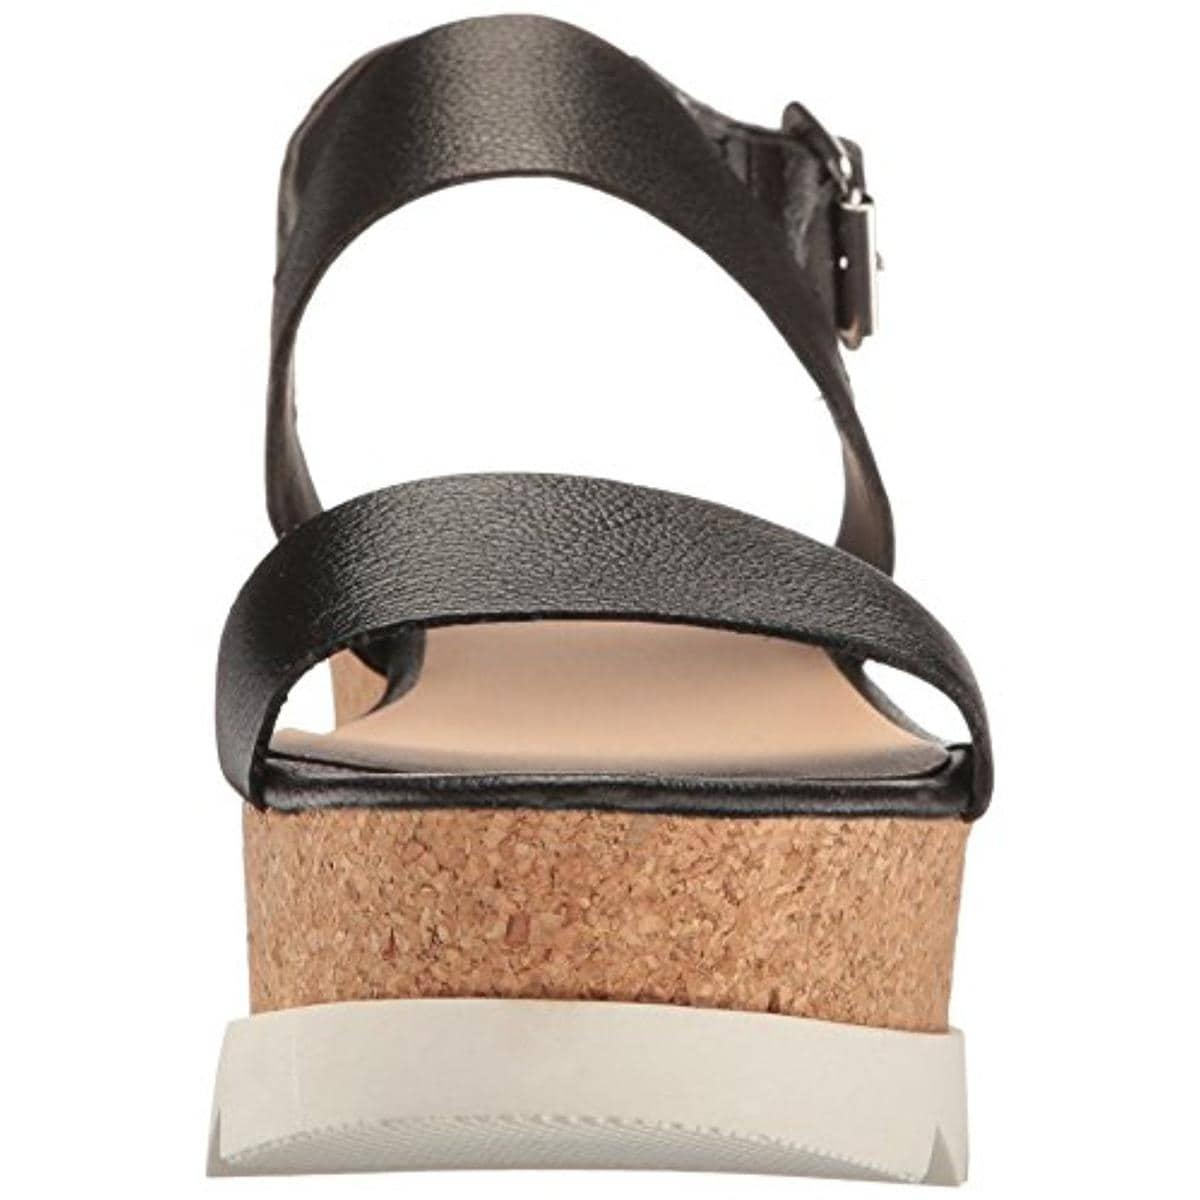 5854e429c14b Shop Steve Madden Womens Krista Flatform Sandals Metallic Open Toe - Free  Shipping Today - Overstock - 21137062